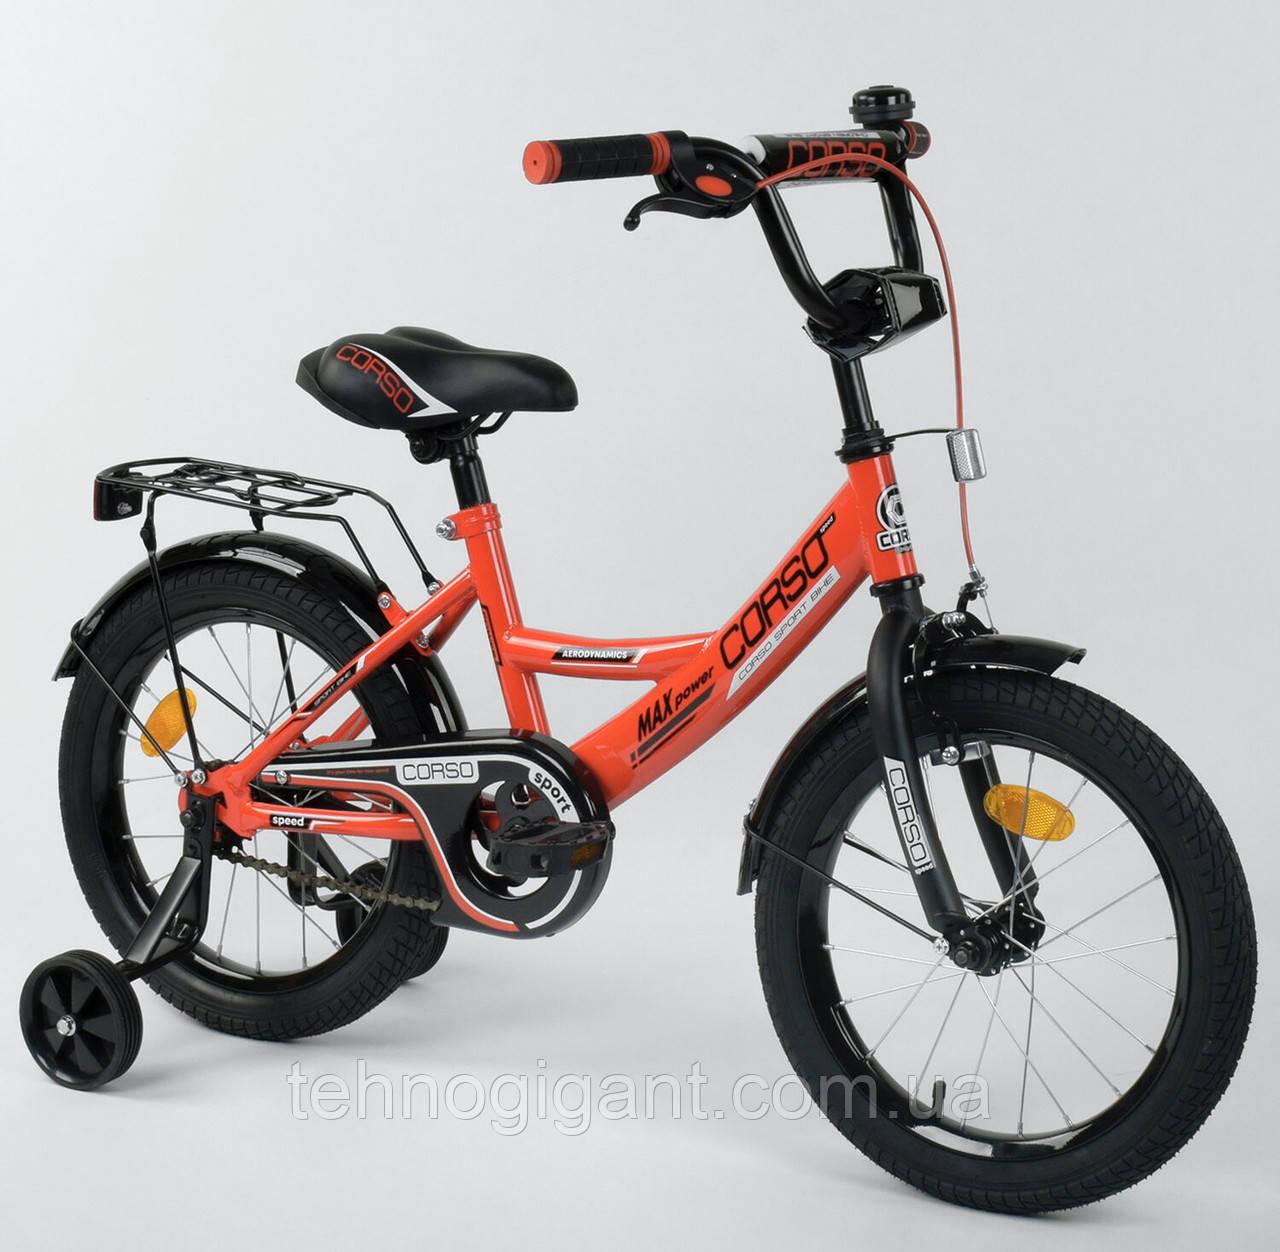 Велосипед детский двухколесный 16 Красный, CORSO CL-16, 4-6 лет, боковые колеса, ручной тормоз, багажник